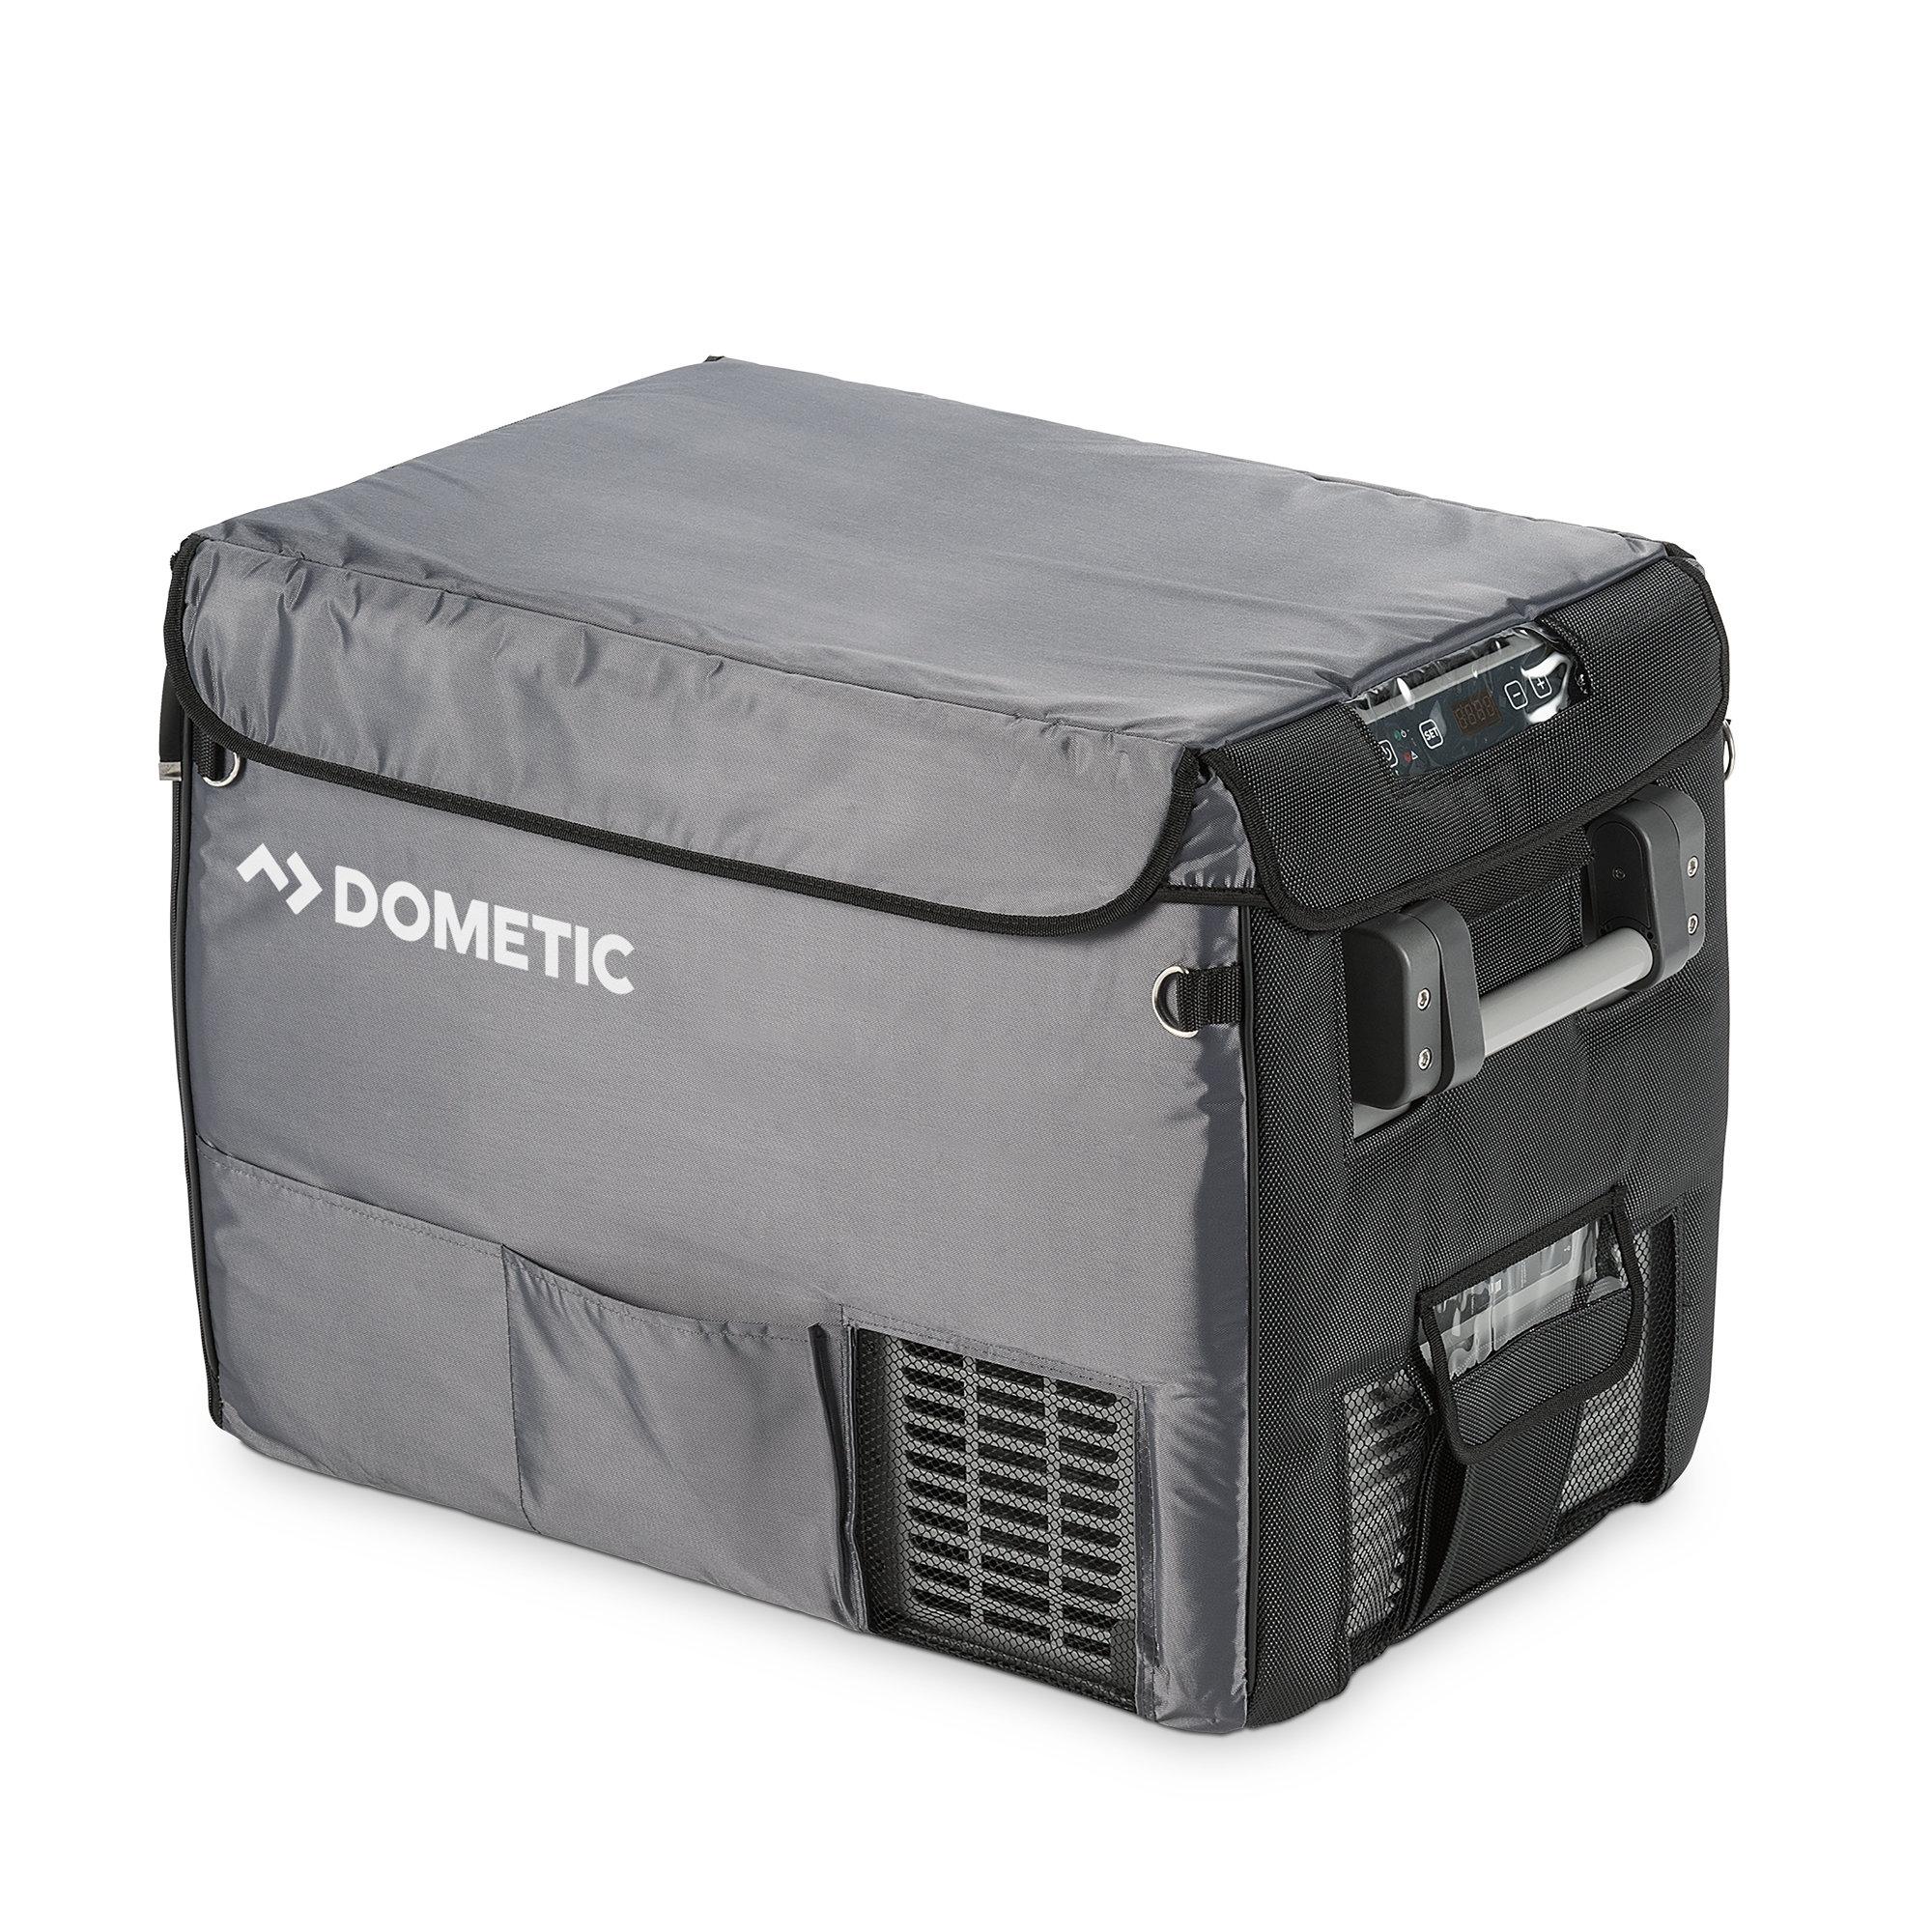 dometic 2652 wiring diagram e30 stereo 9105306645 cfx 40w insulated cover quadratec